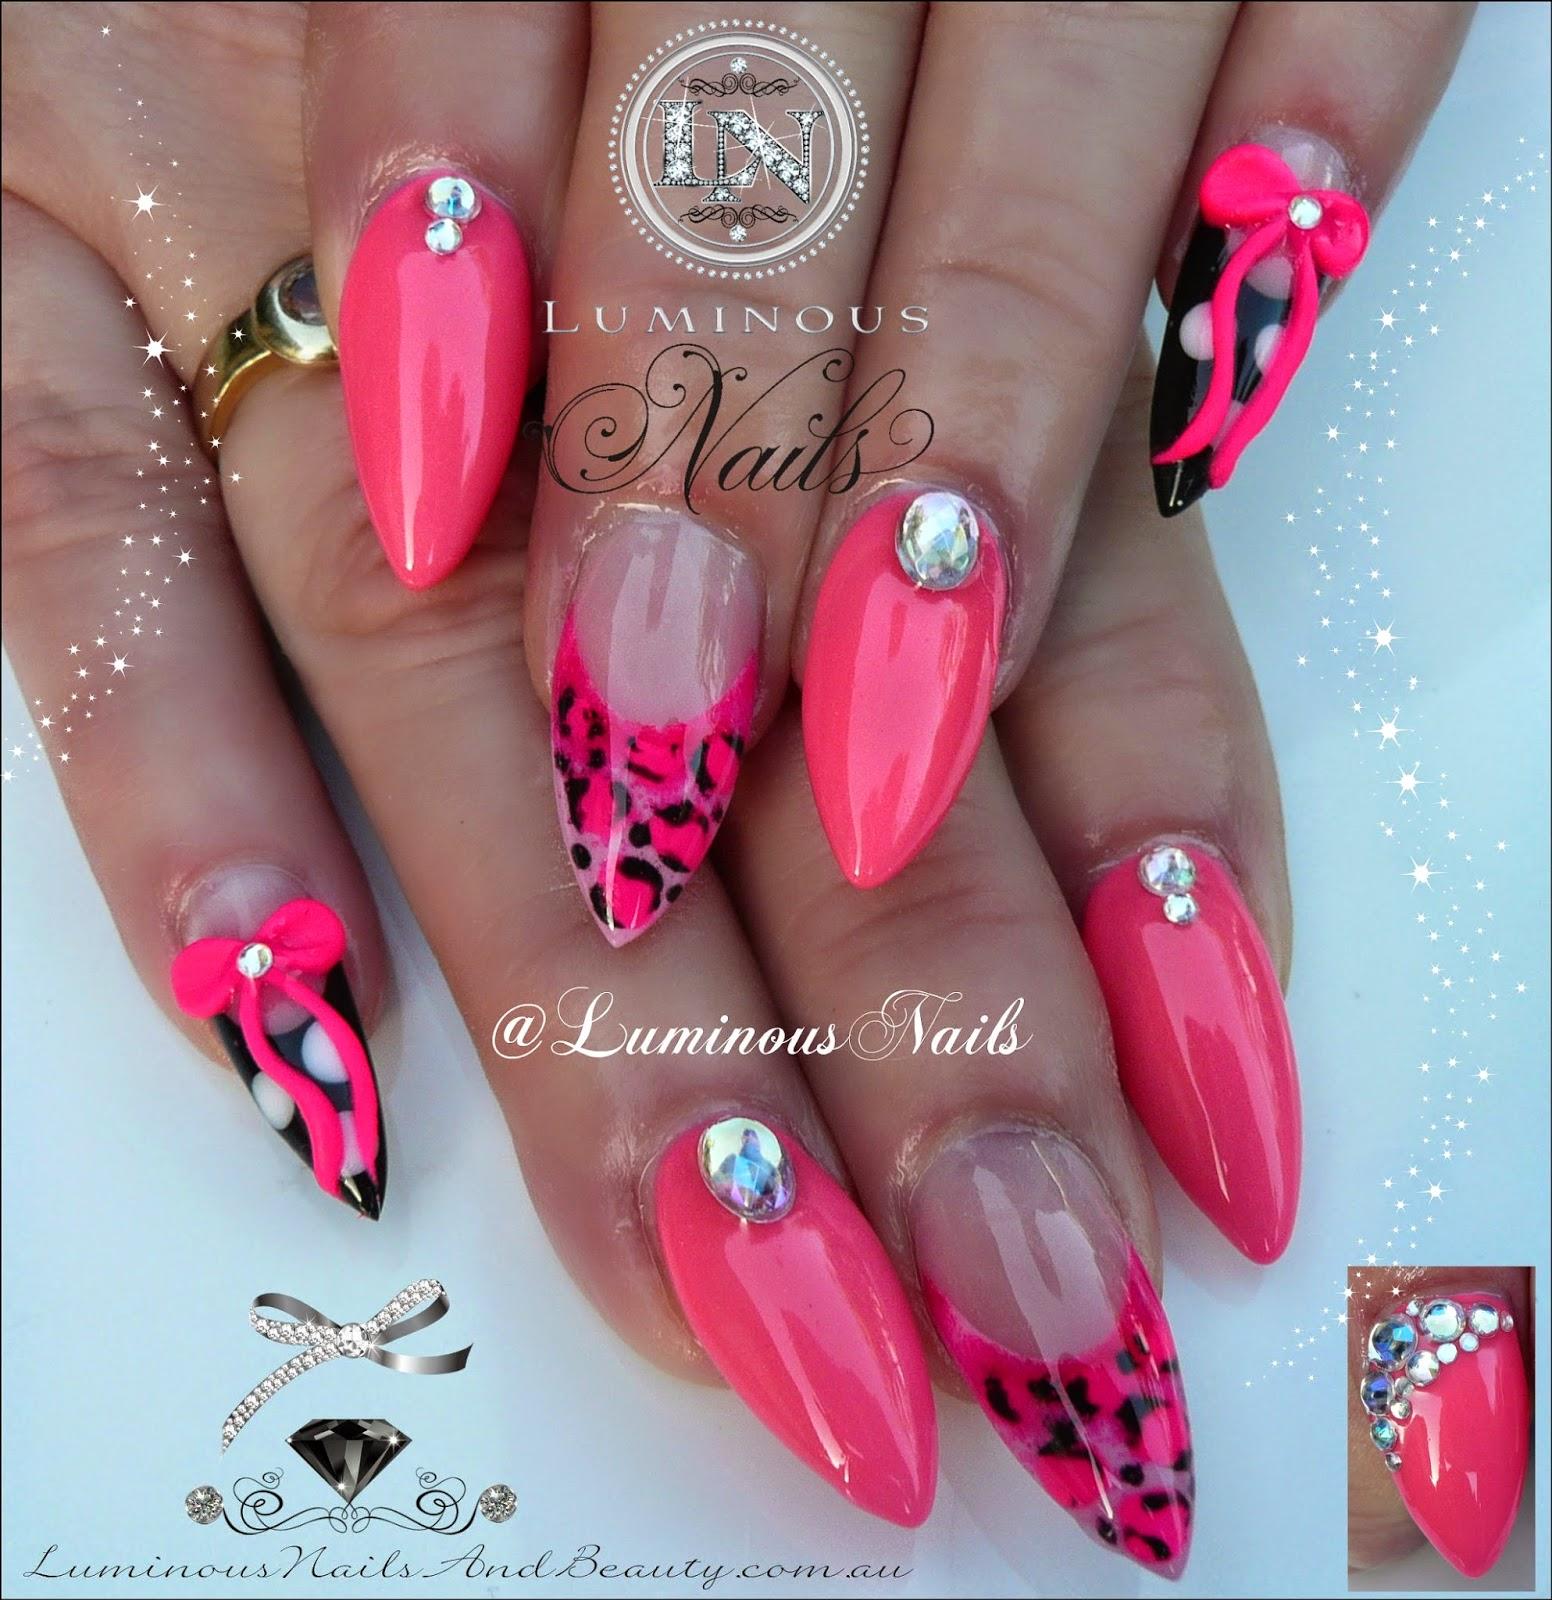 Pink Acrylic Nail Designs: Luminous Nails: September 2014